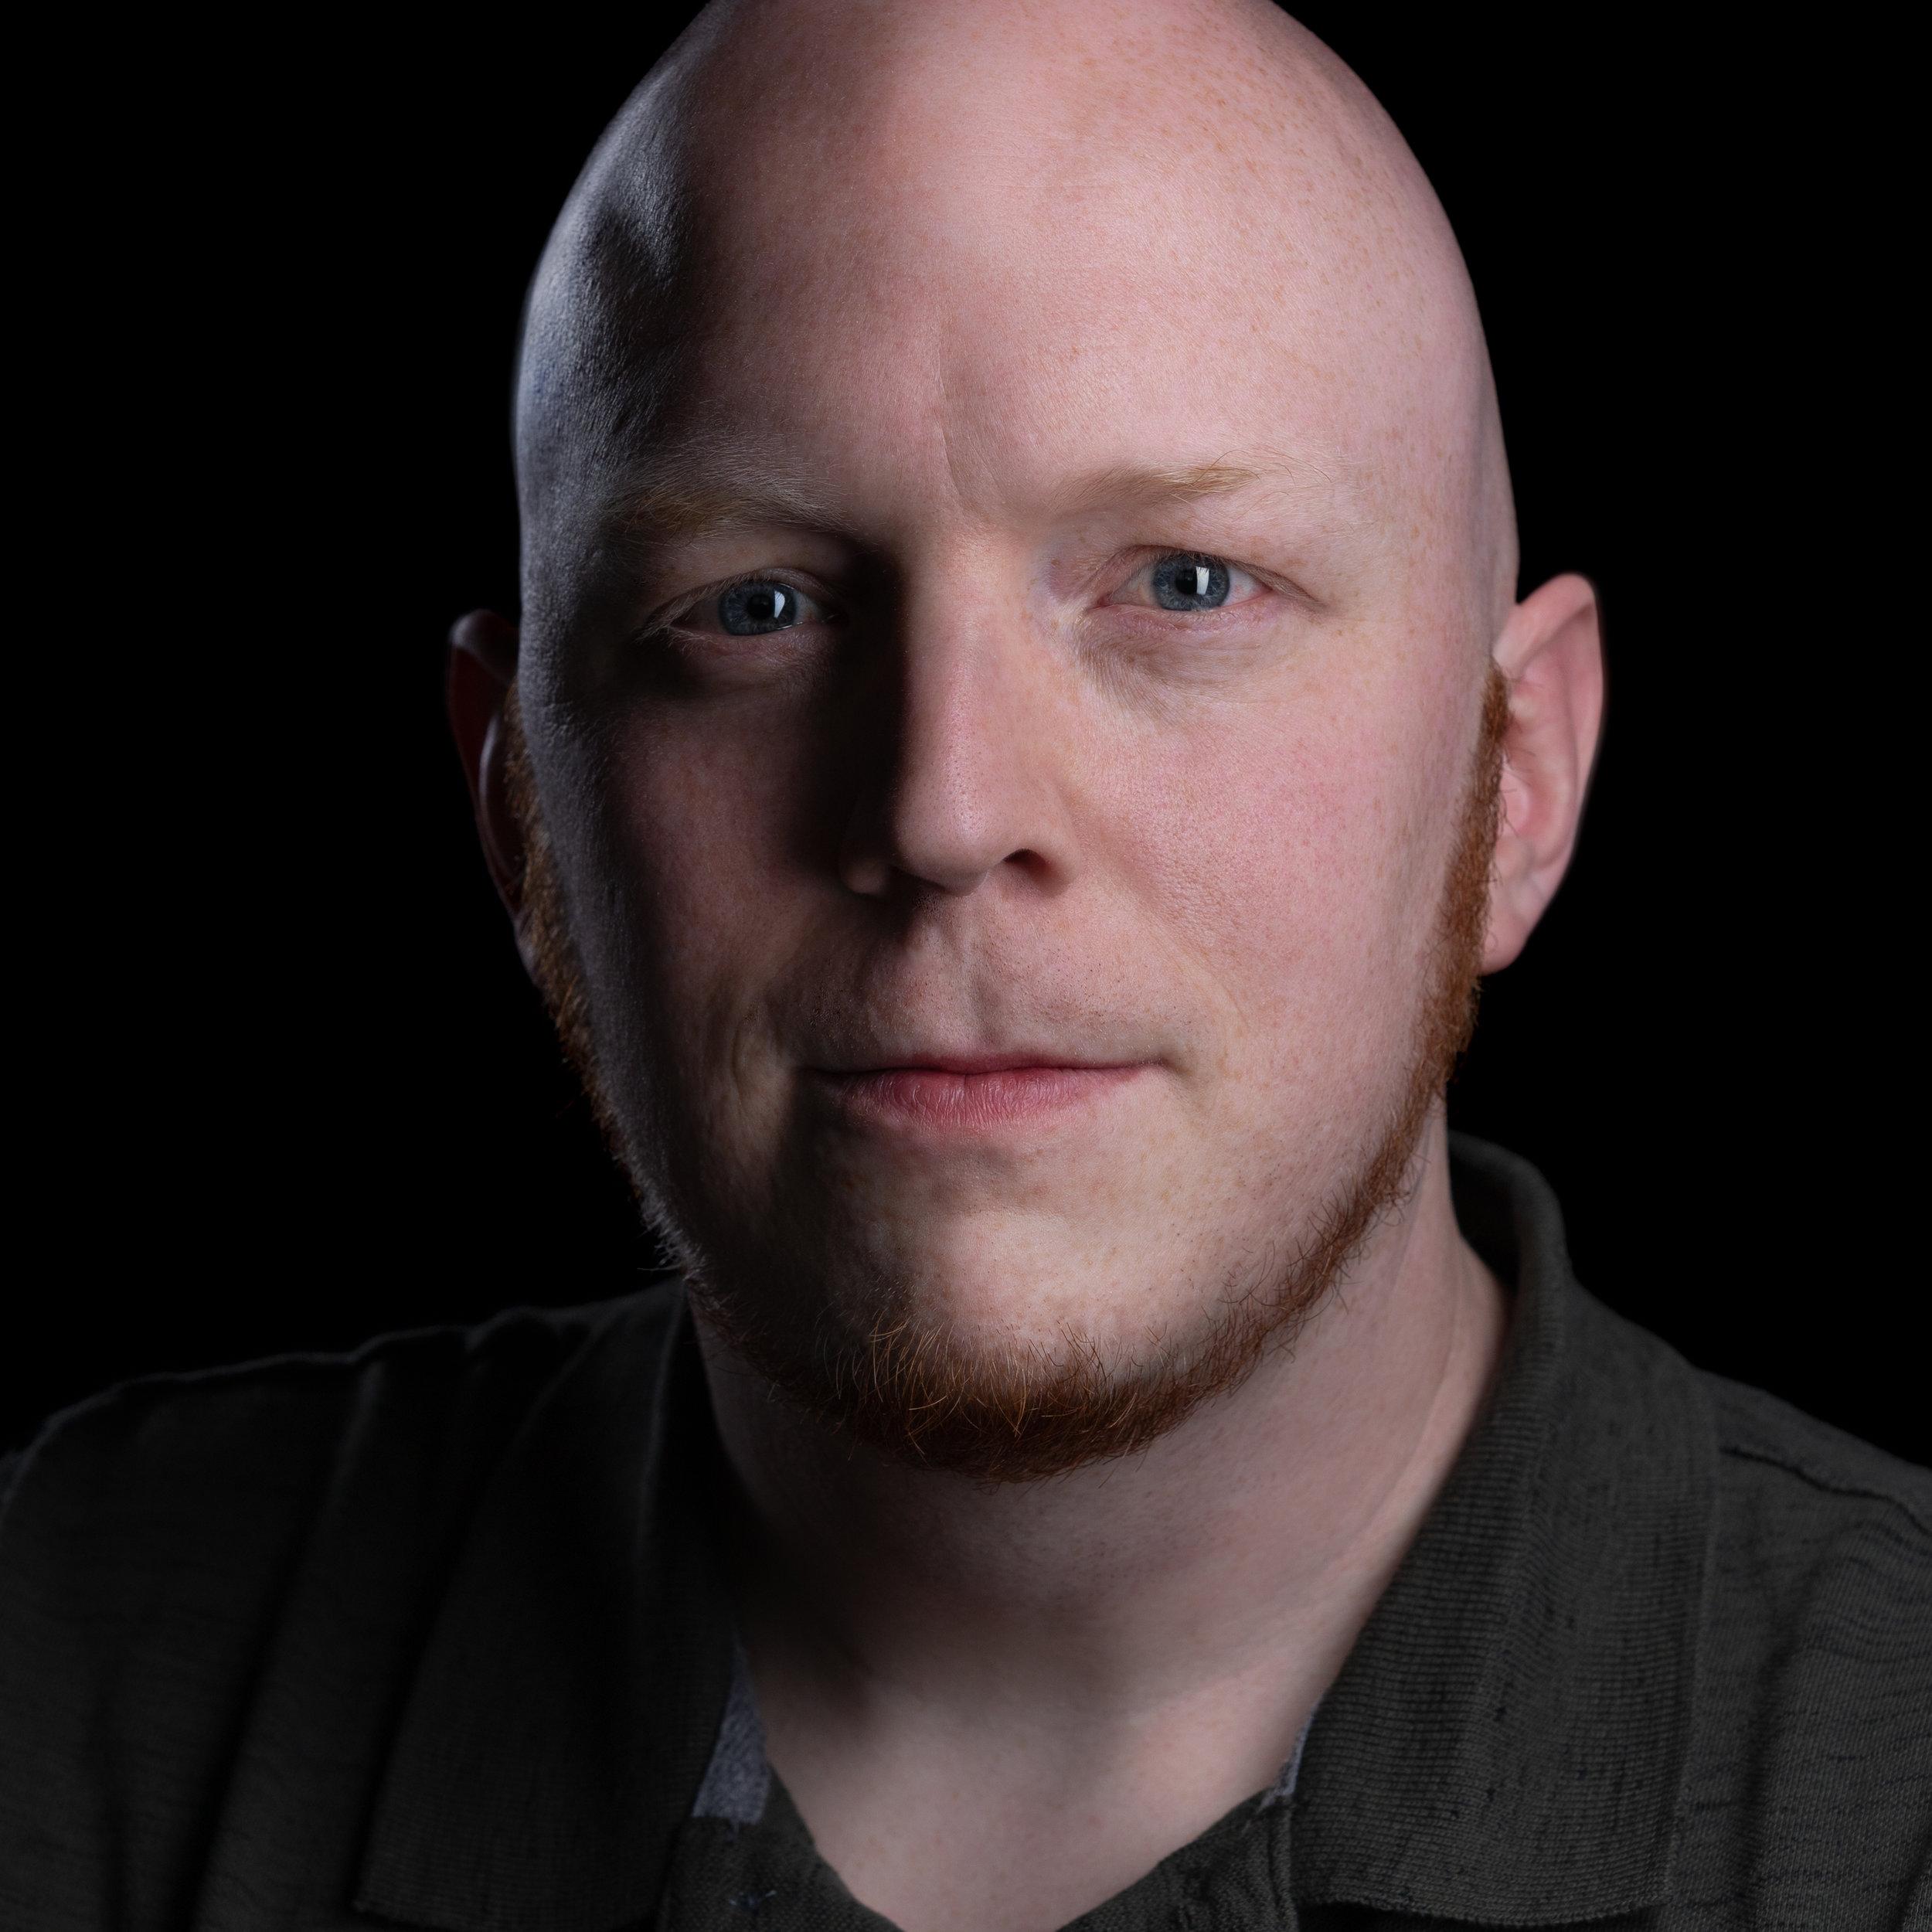 Keith Miner-Rohinni Headshots-940-Edit-3.JPG